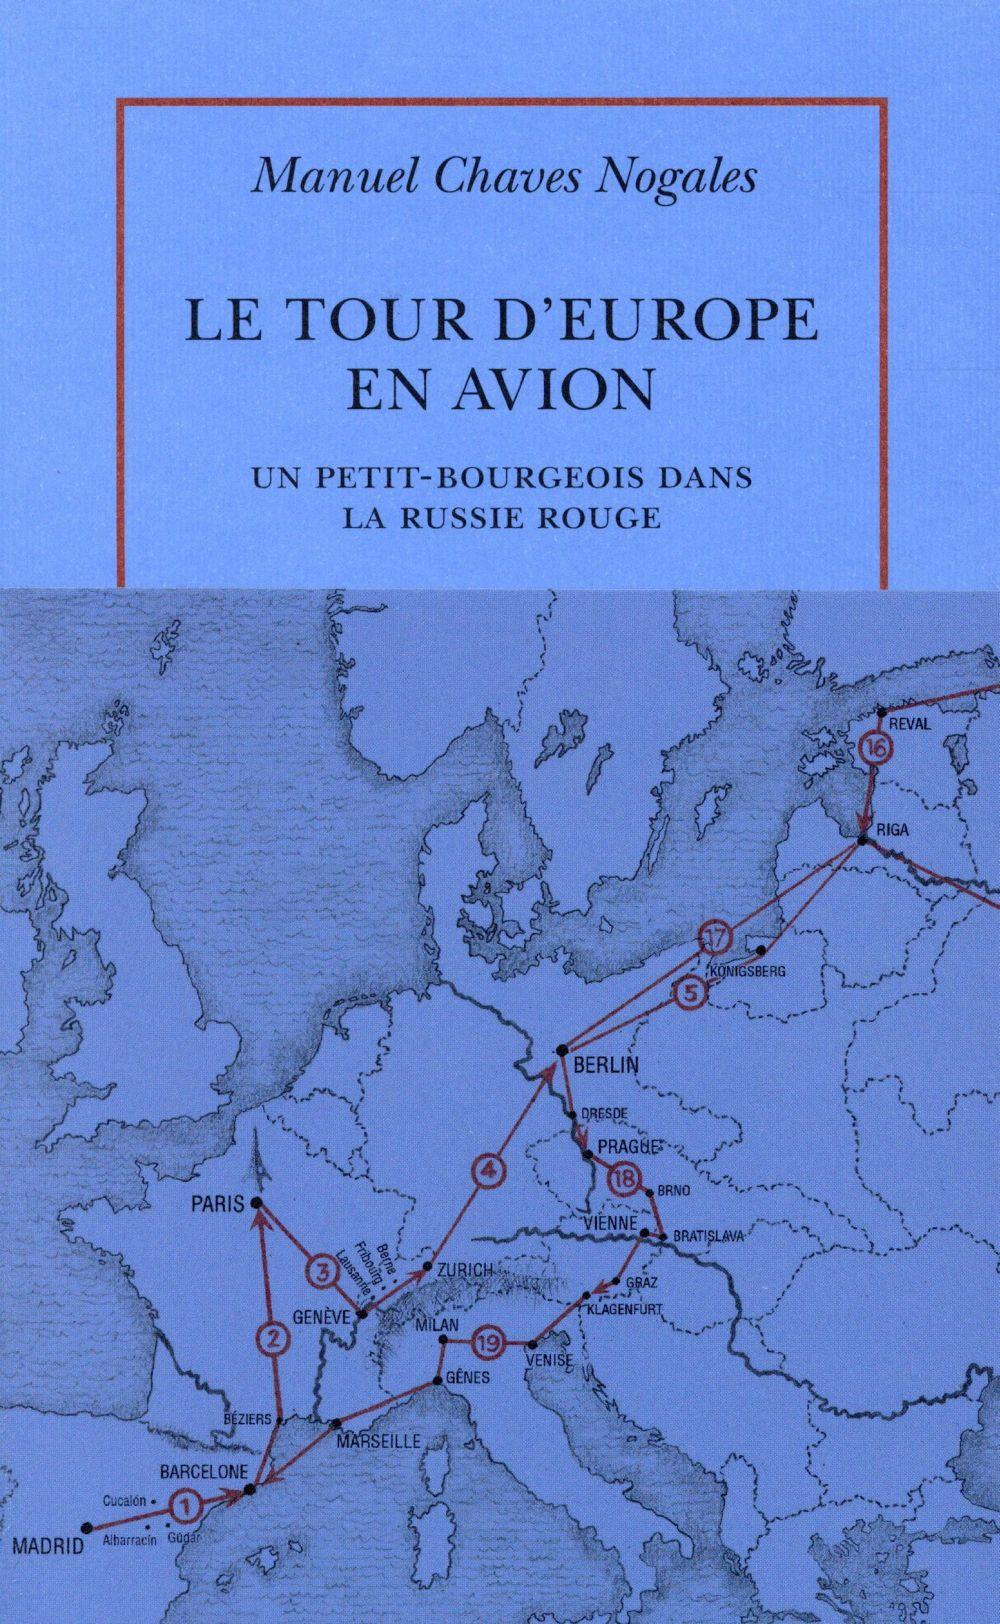 LE TOUR D'EUROPE EN AVION - UN PETIT-BOURGEOIS DANS LA RUSSIE ROUGE